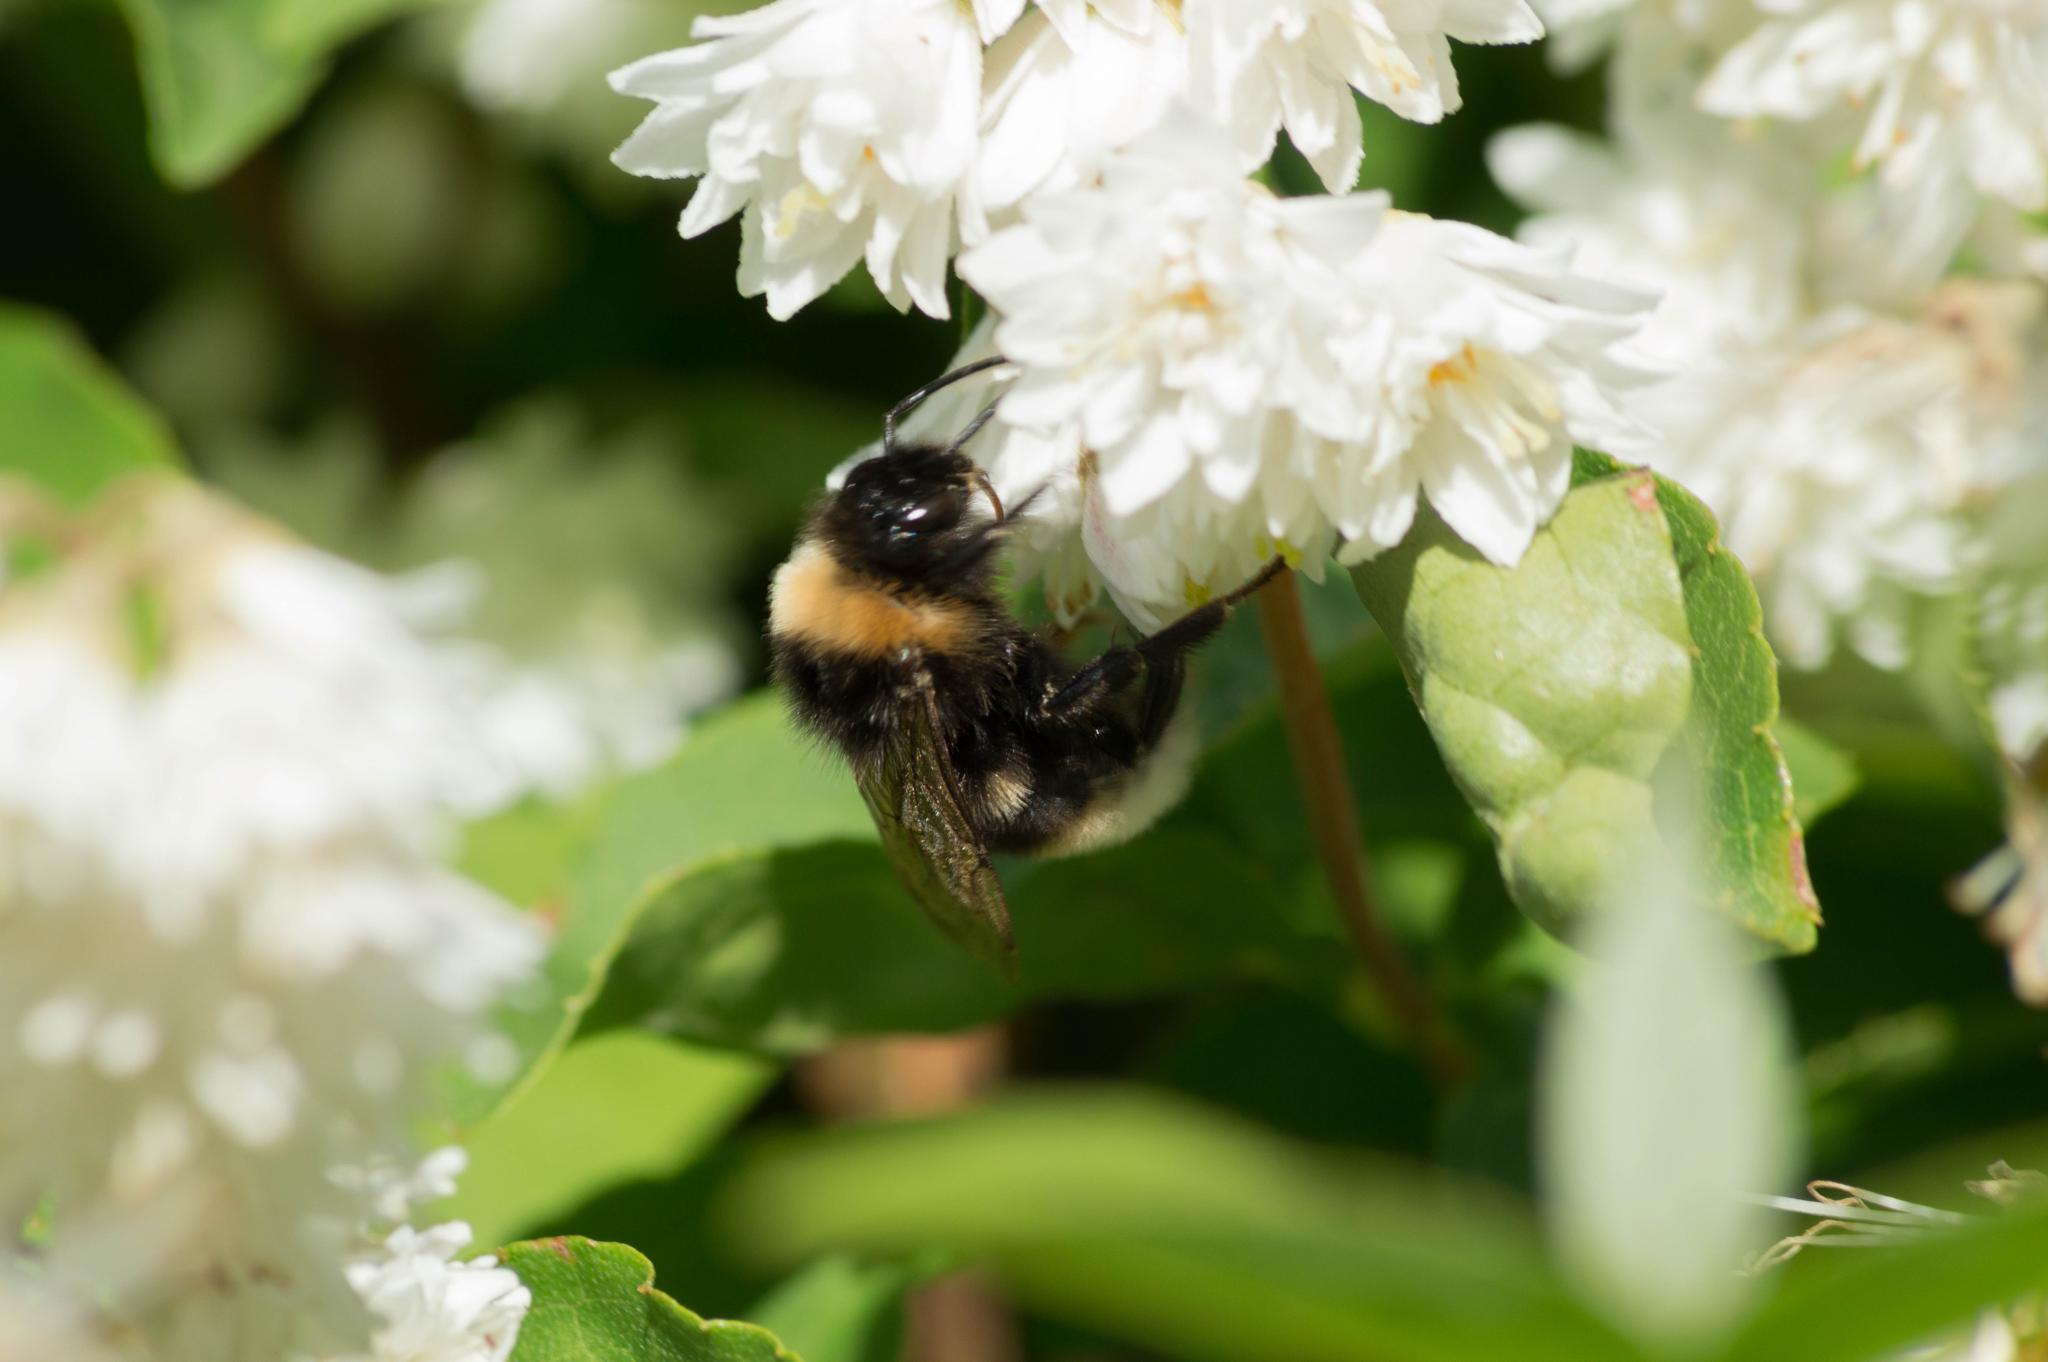 Bee on a bush by Jockomorrocco